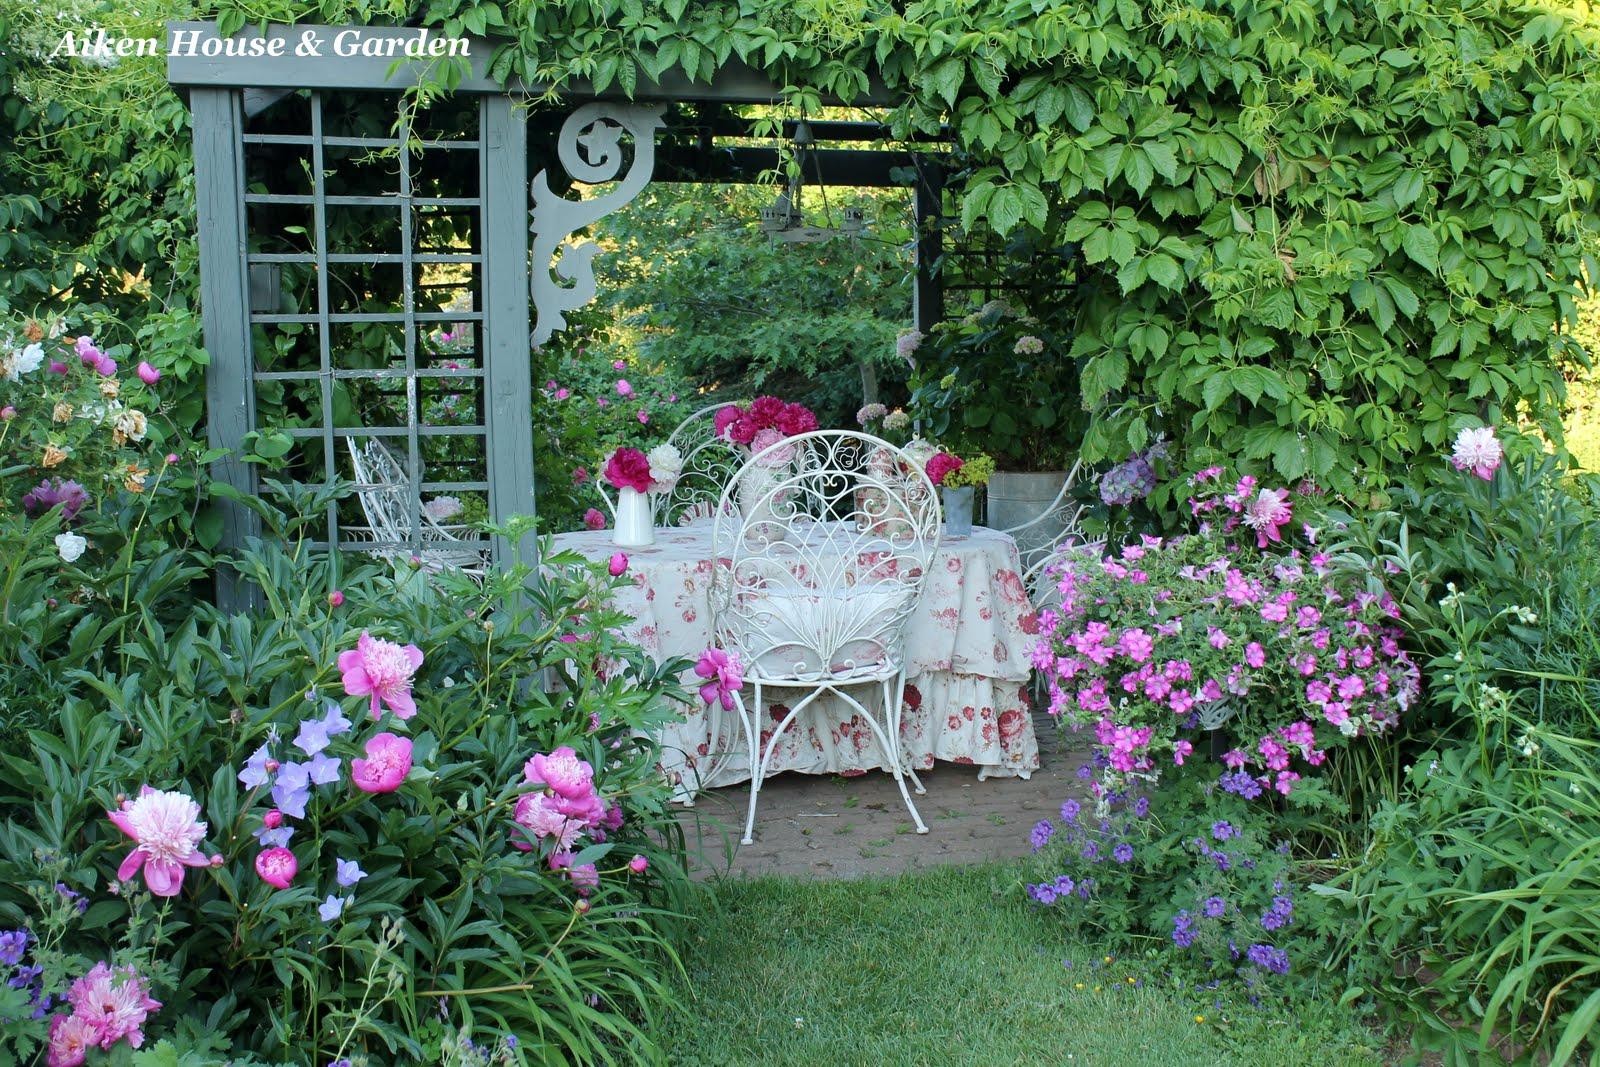 Aiken House & Gardens: Romantic Garden Style on Romantic Backyard Ideas id=26674